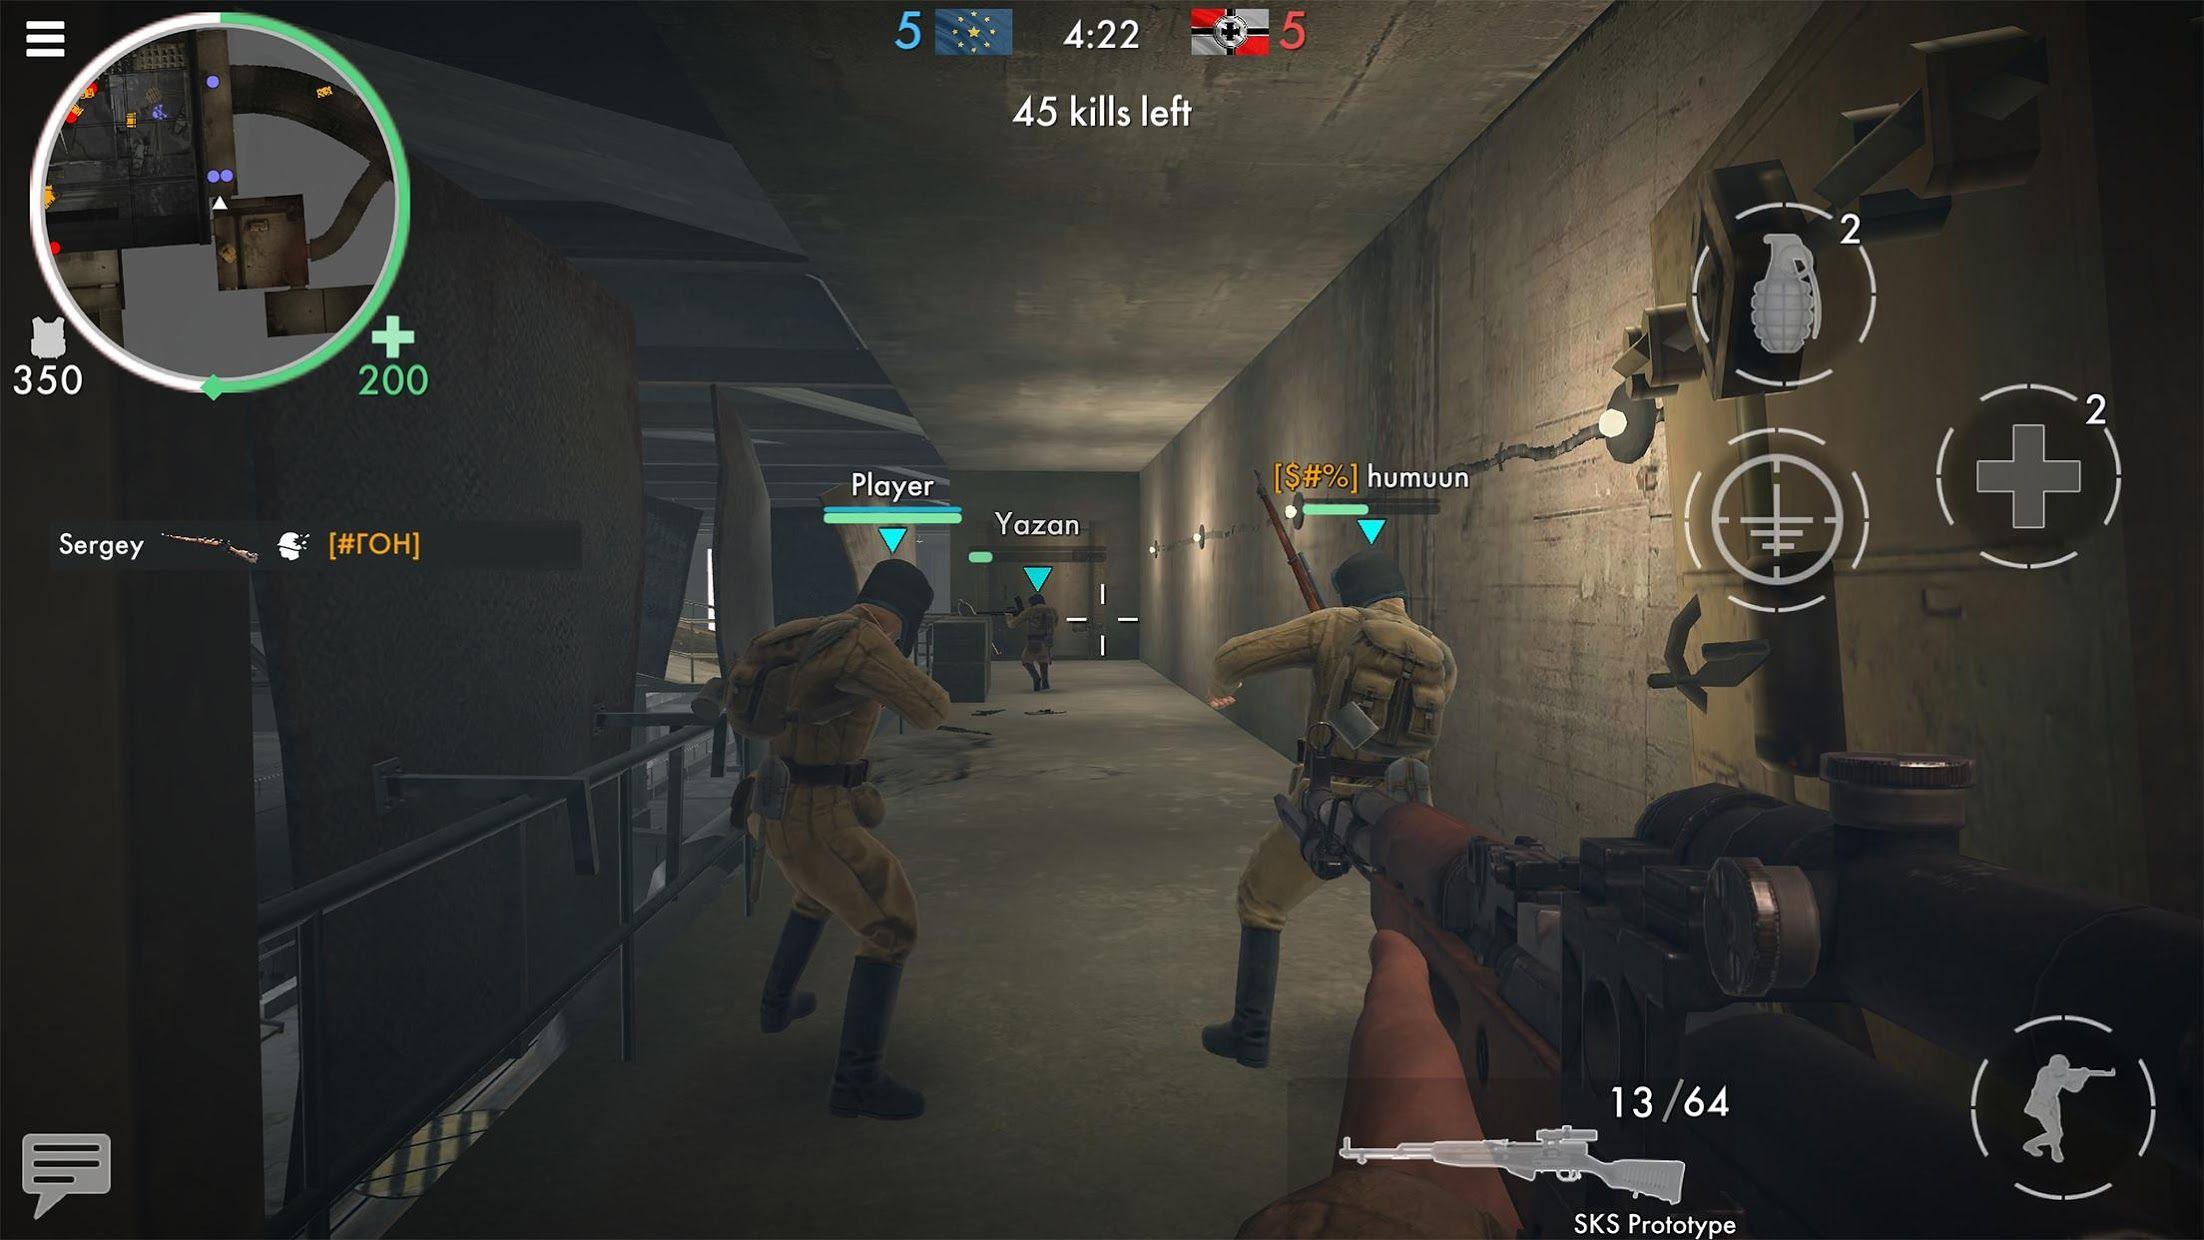 世界战争 - 英雄 游戏截图5